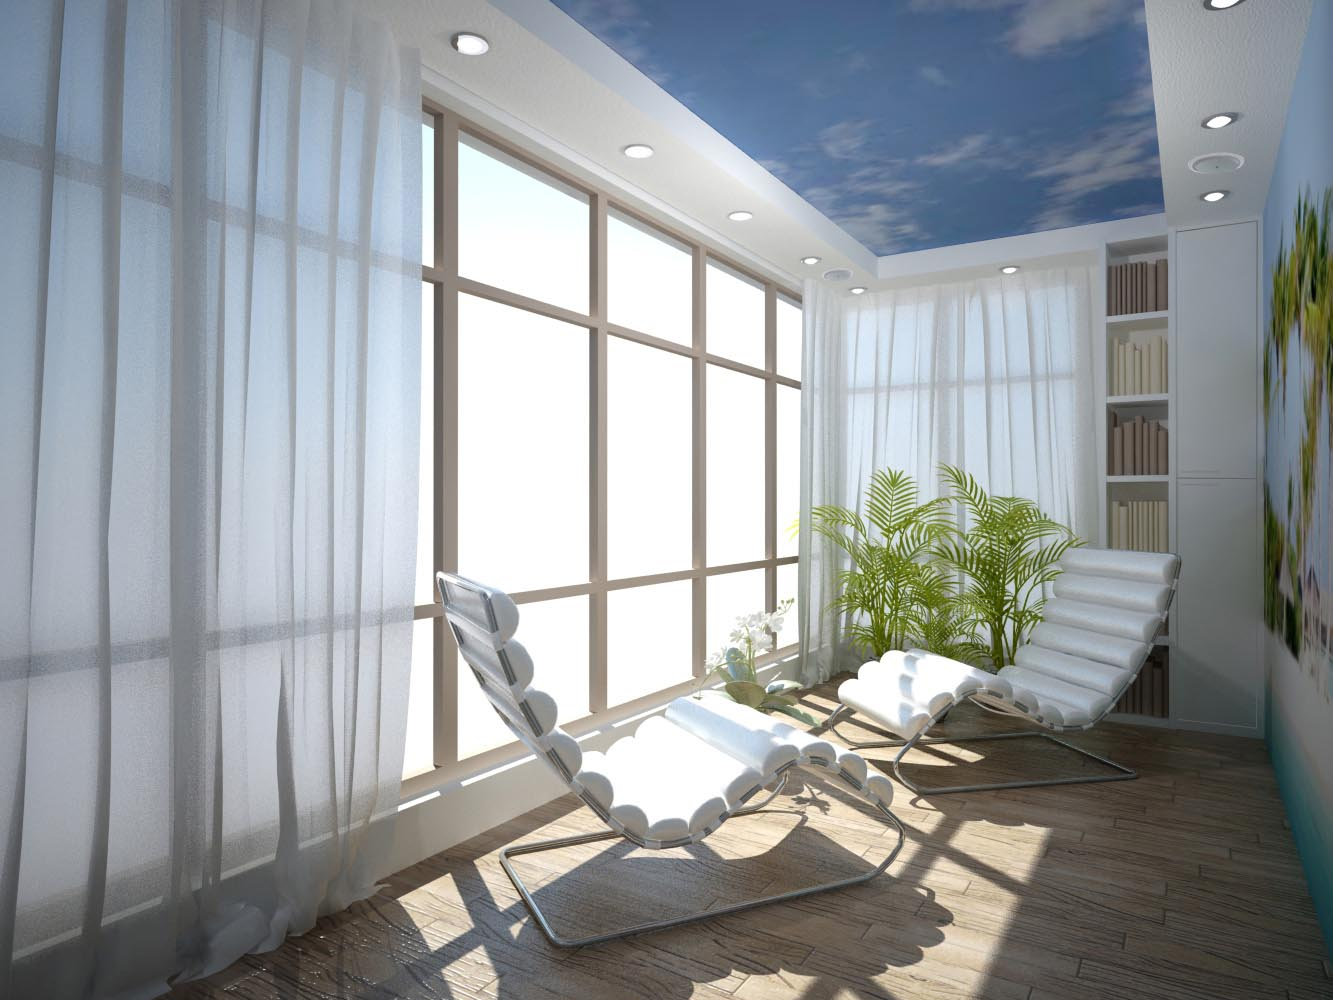 Дизайн интерьера комнаты отдыха